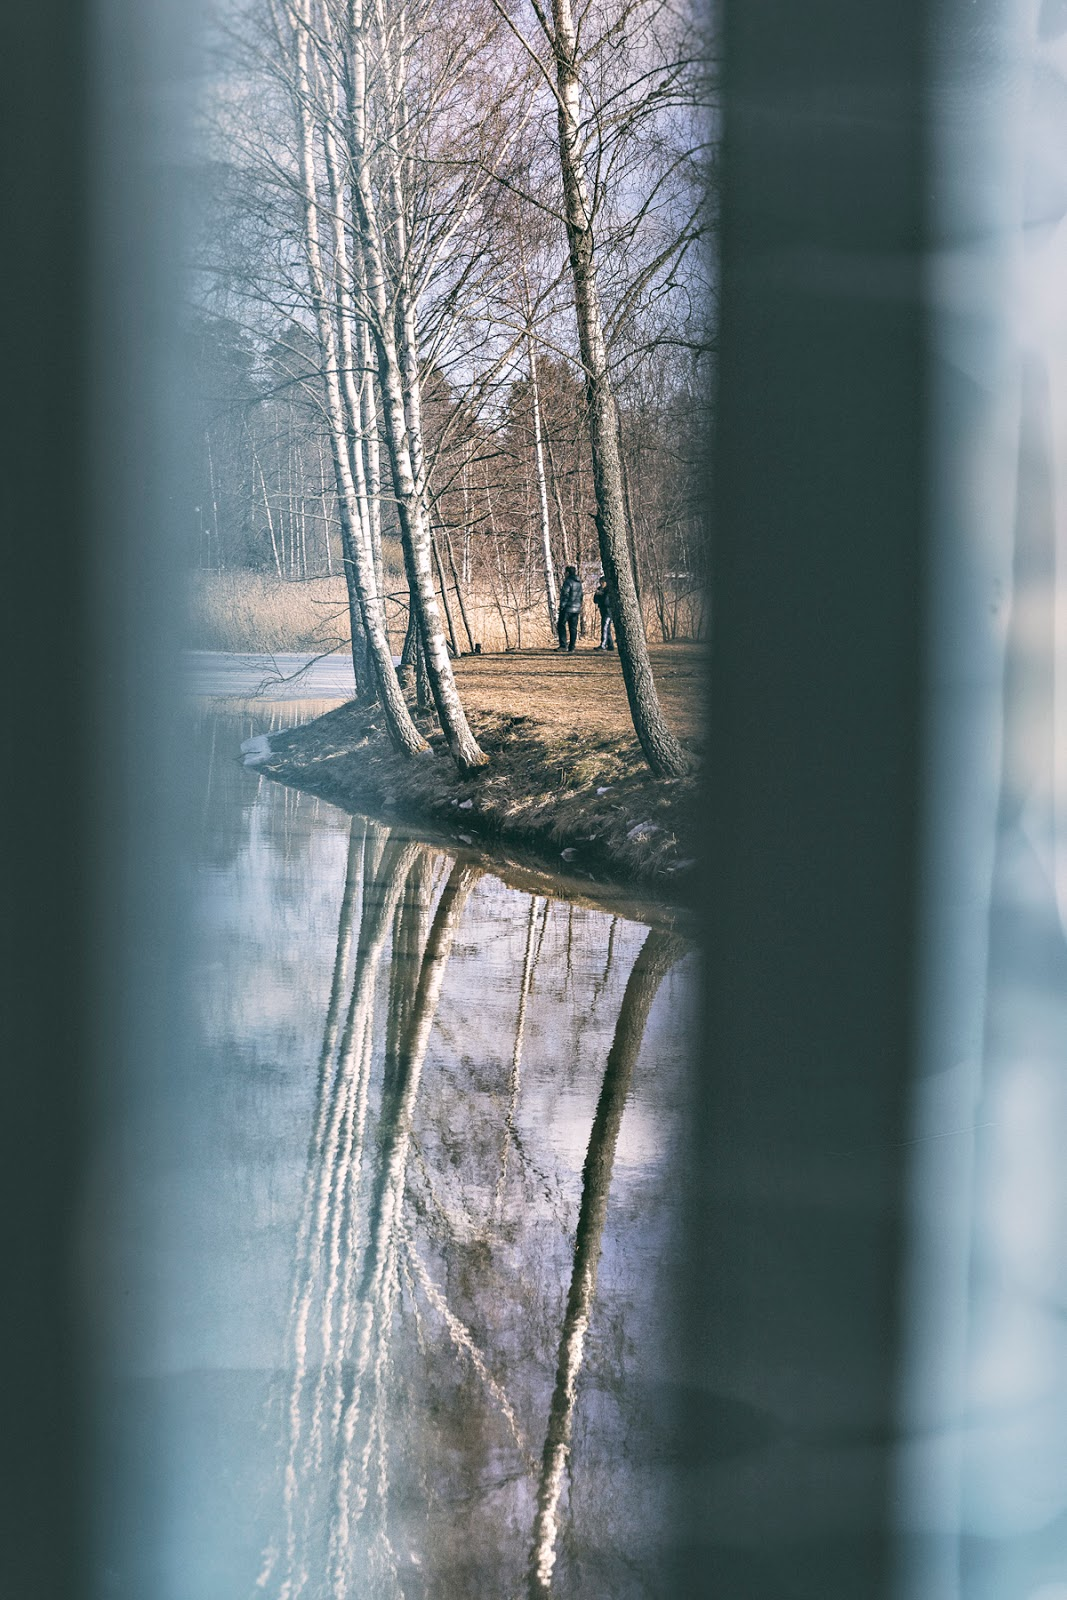 suomi, finland, finlandphotolovers, luonto, nature, luontokuva, kevät, spring, valokuvaaja, Frida Steiner, photographer, photography, Visualaddict, visualaddictfrida, helsinki, herttoniemi